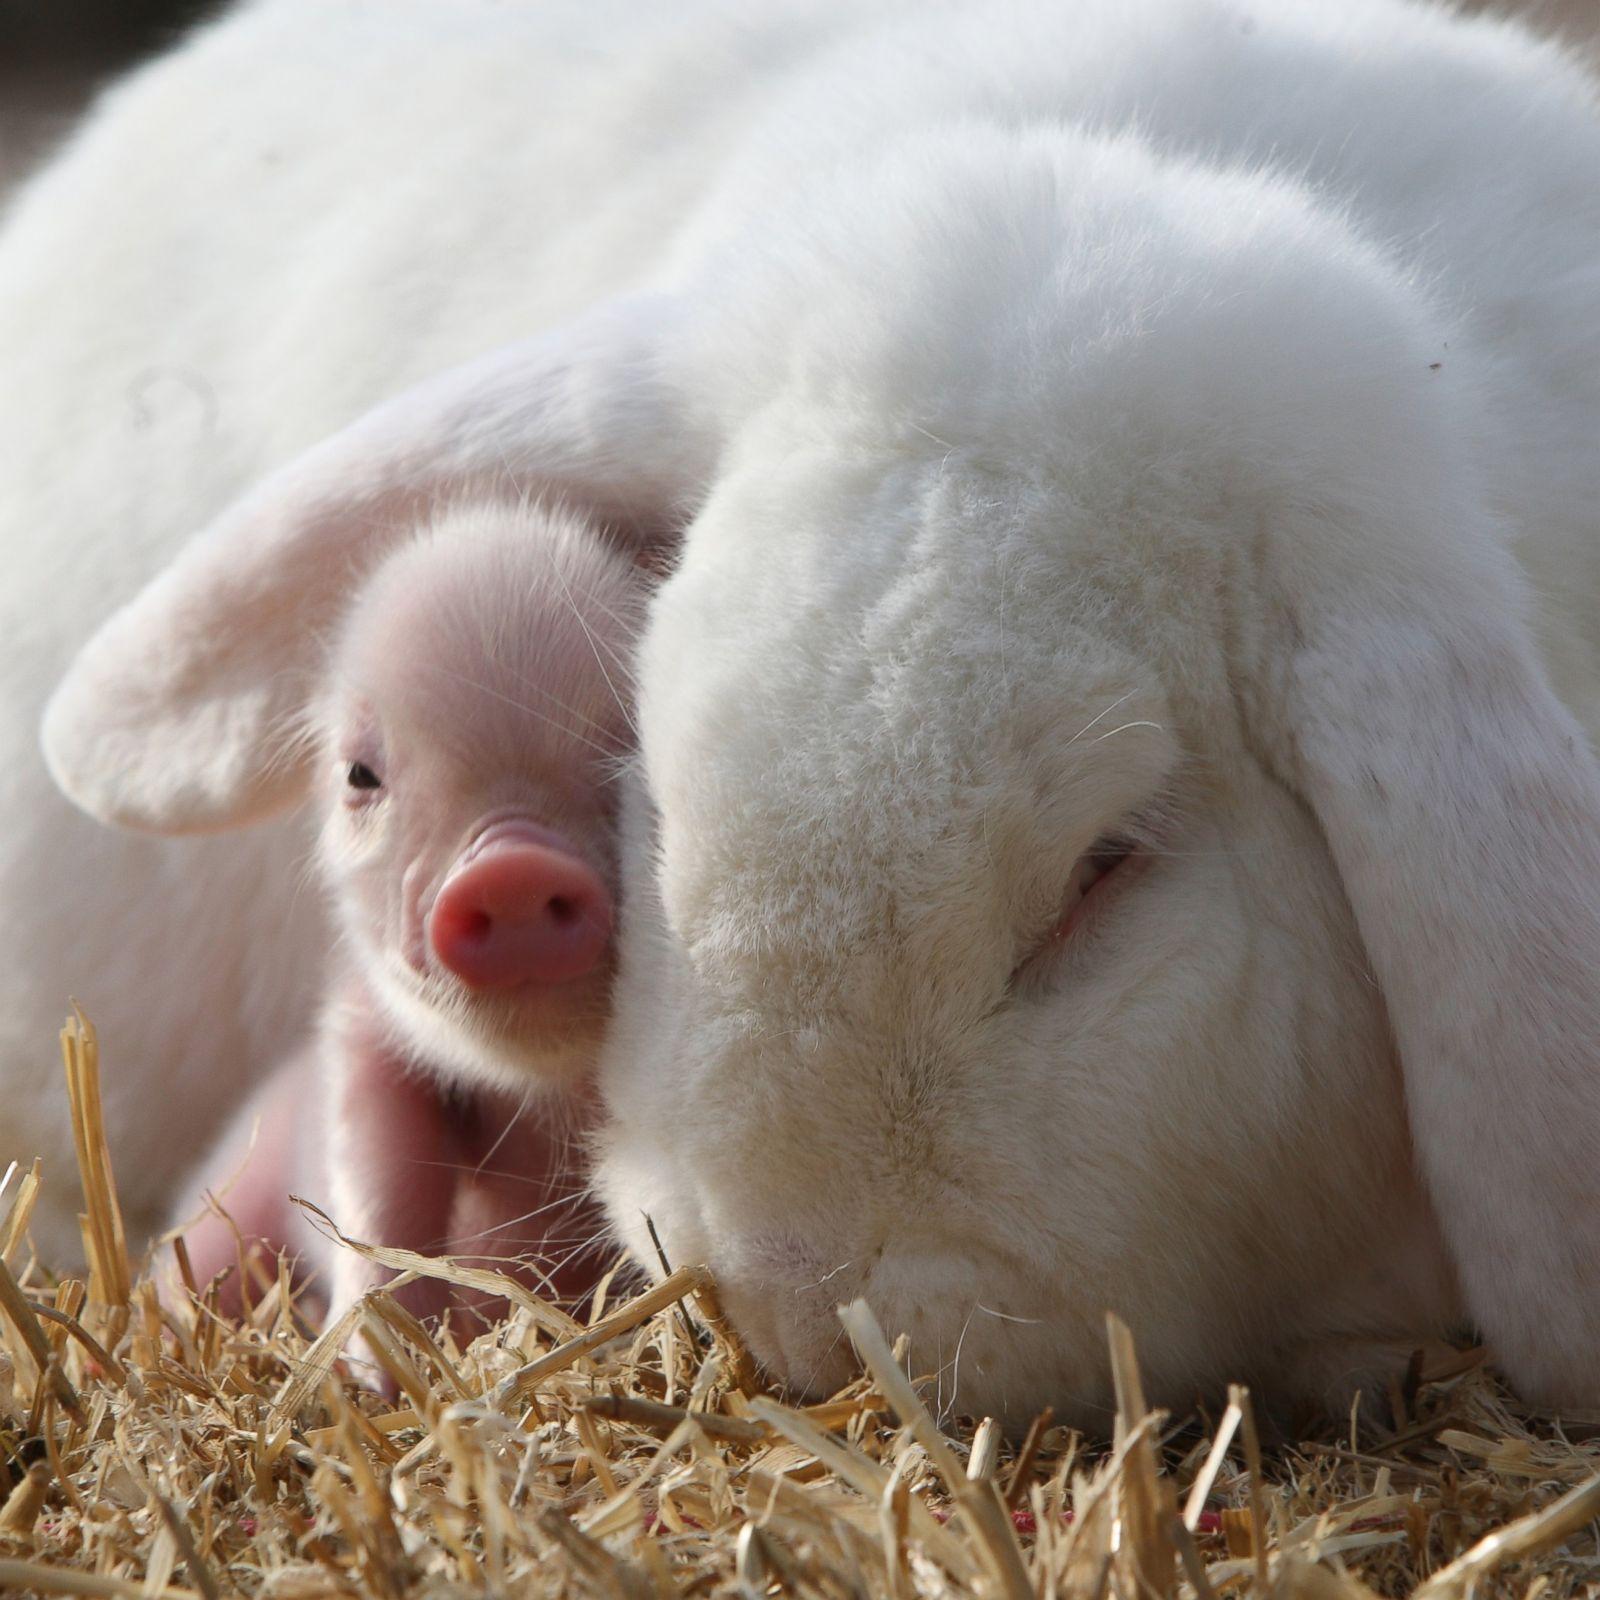 10 Most Adorable Micro Pig Photos Ever Photos Image 10